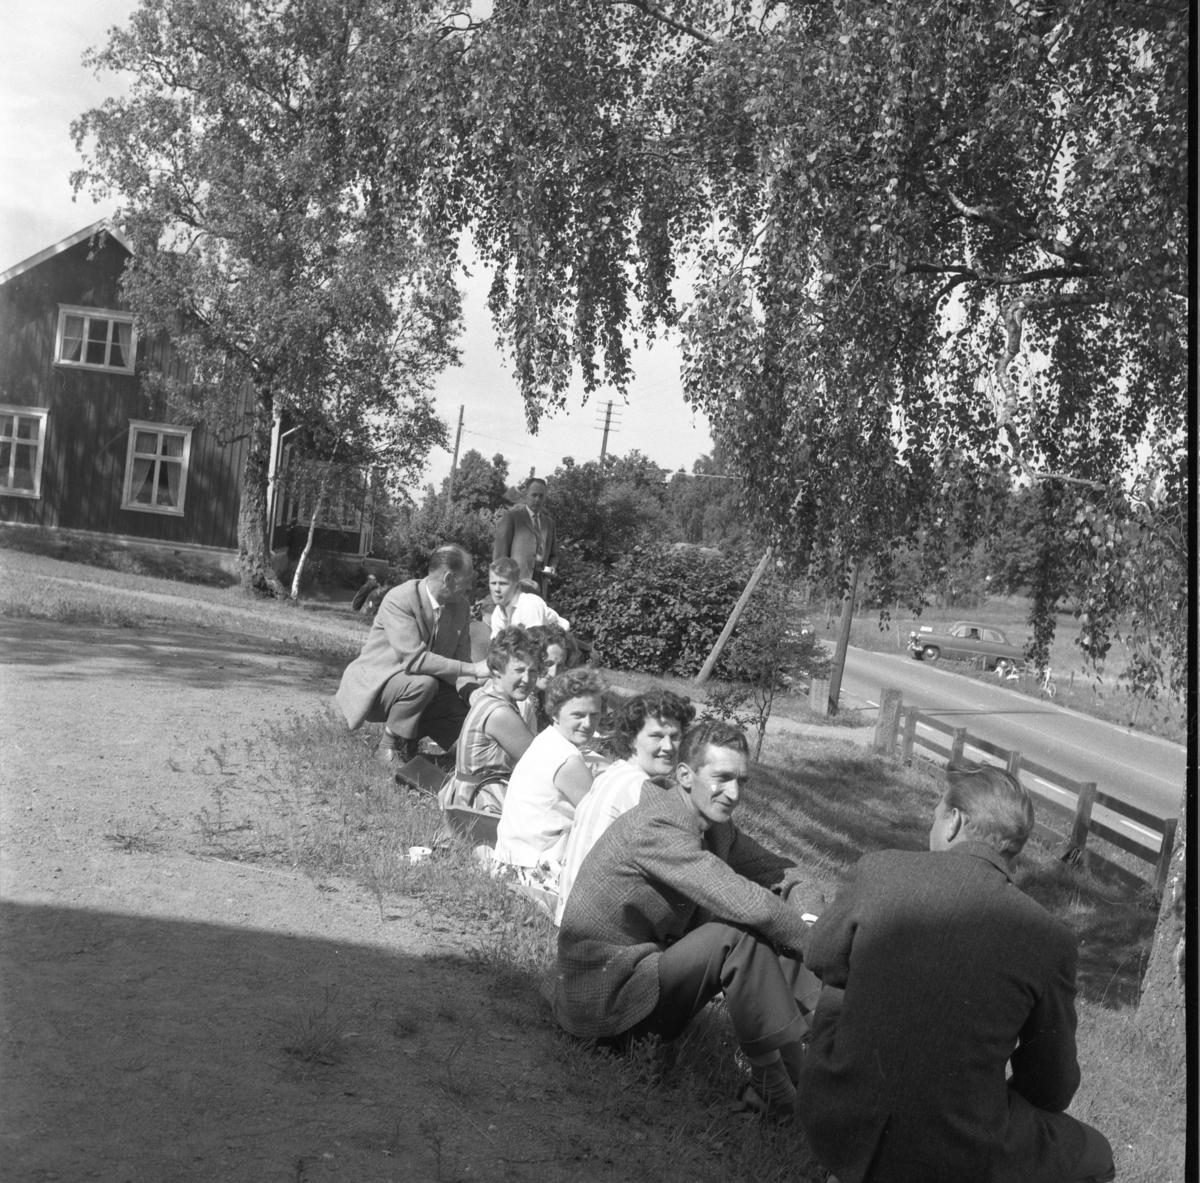 Skolträff i Reaby 1962. Kvinnor och män sitter på en slänt söder om skolbyggnaden utmed riksettan. Två fr höger sitter Karl-Gustav Johansson och intill honom Märta Nilsson, därnäst Ingegerd Gustavsson från Askarp.